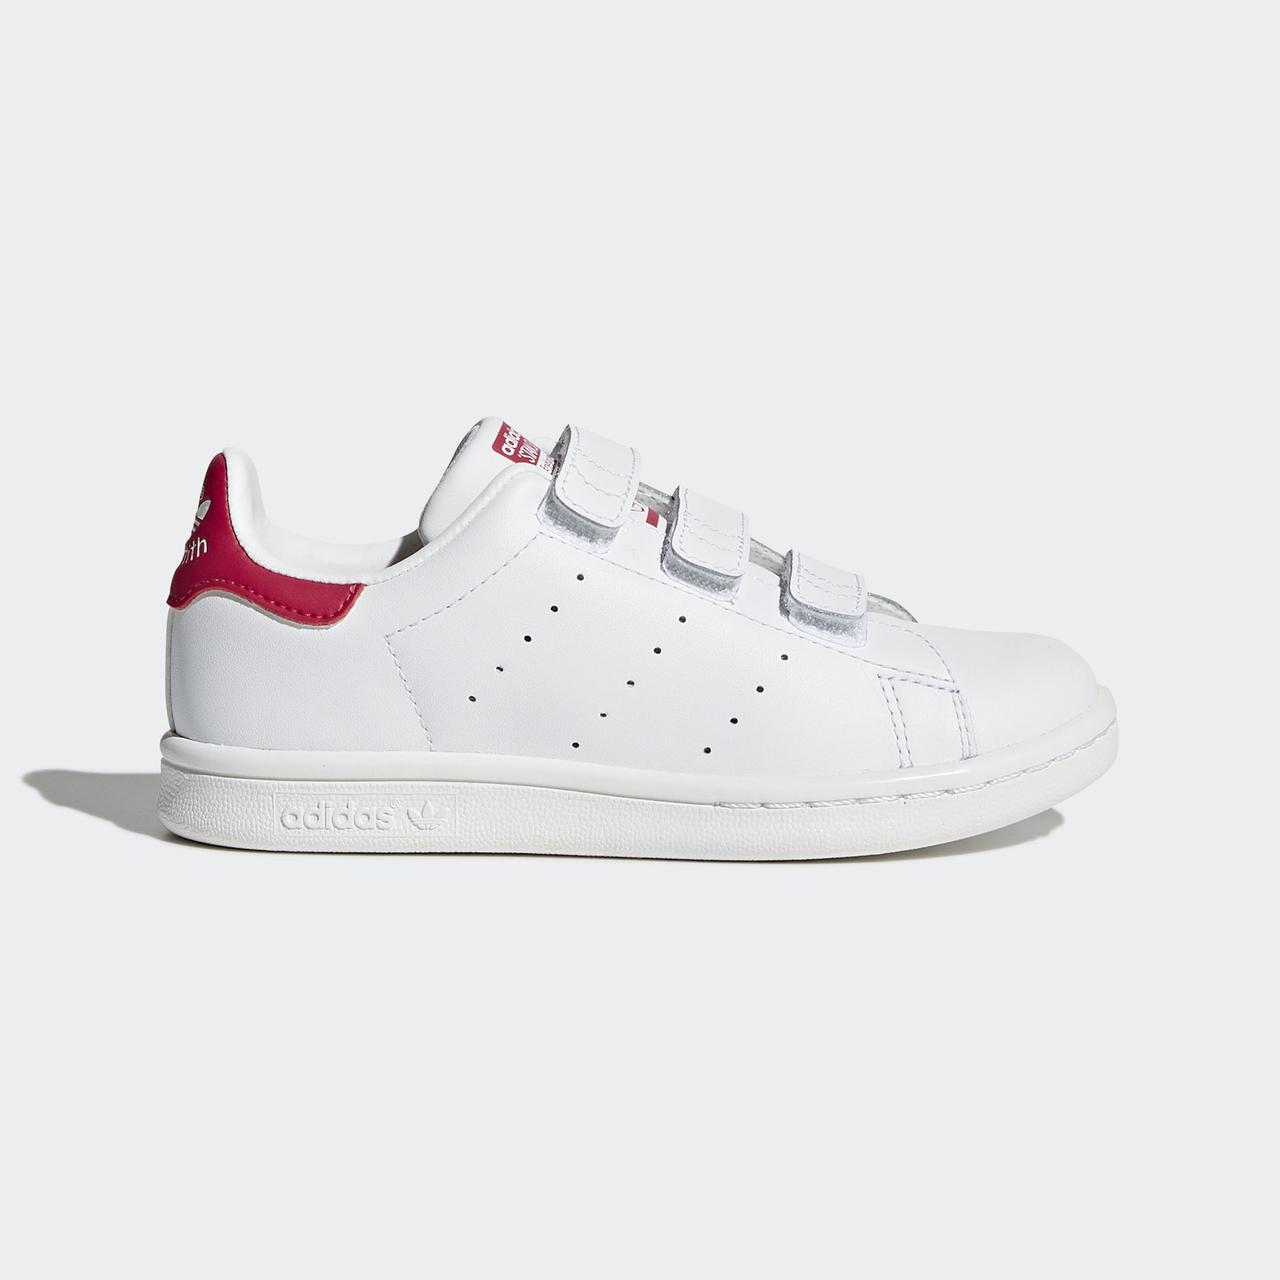 041d19ef Детские кроссовки Adidas Originals Stan Smith (Артикул: B32706) -  Интернет-магазин «